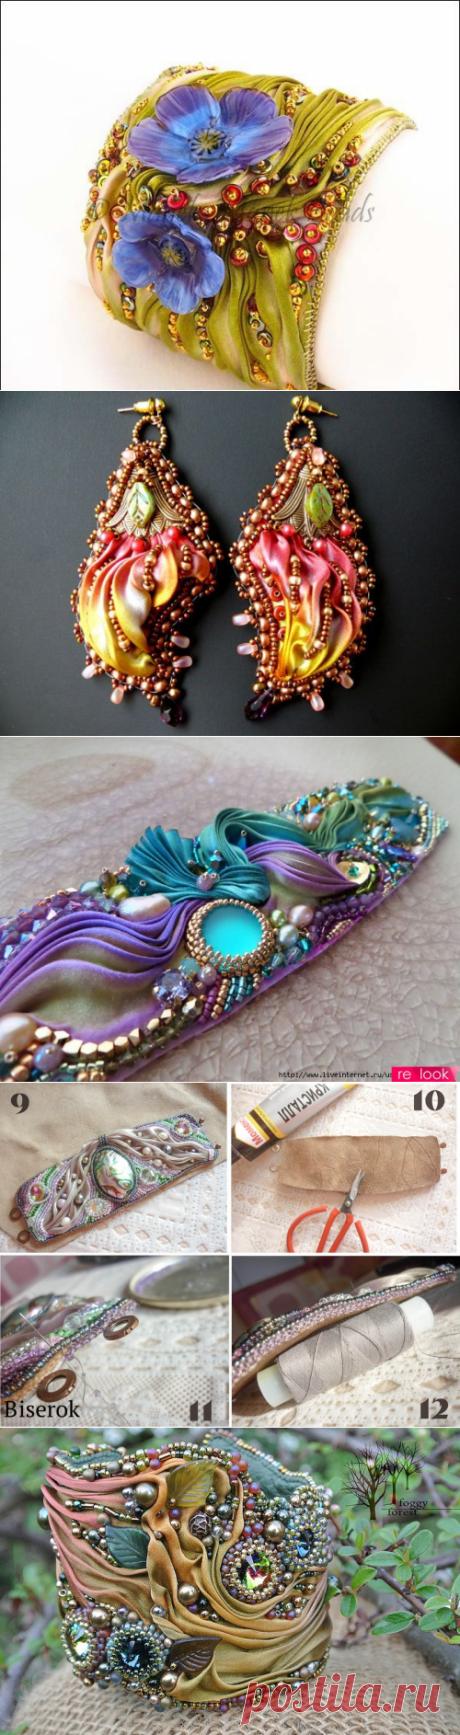 Роскошные браслеты в стиле шибори — Делаем руками